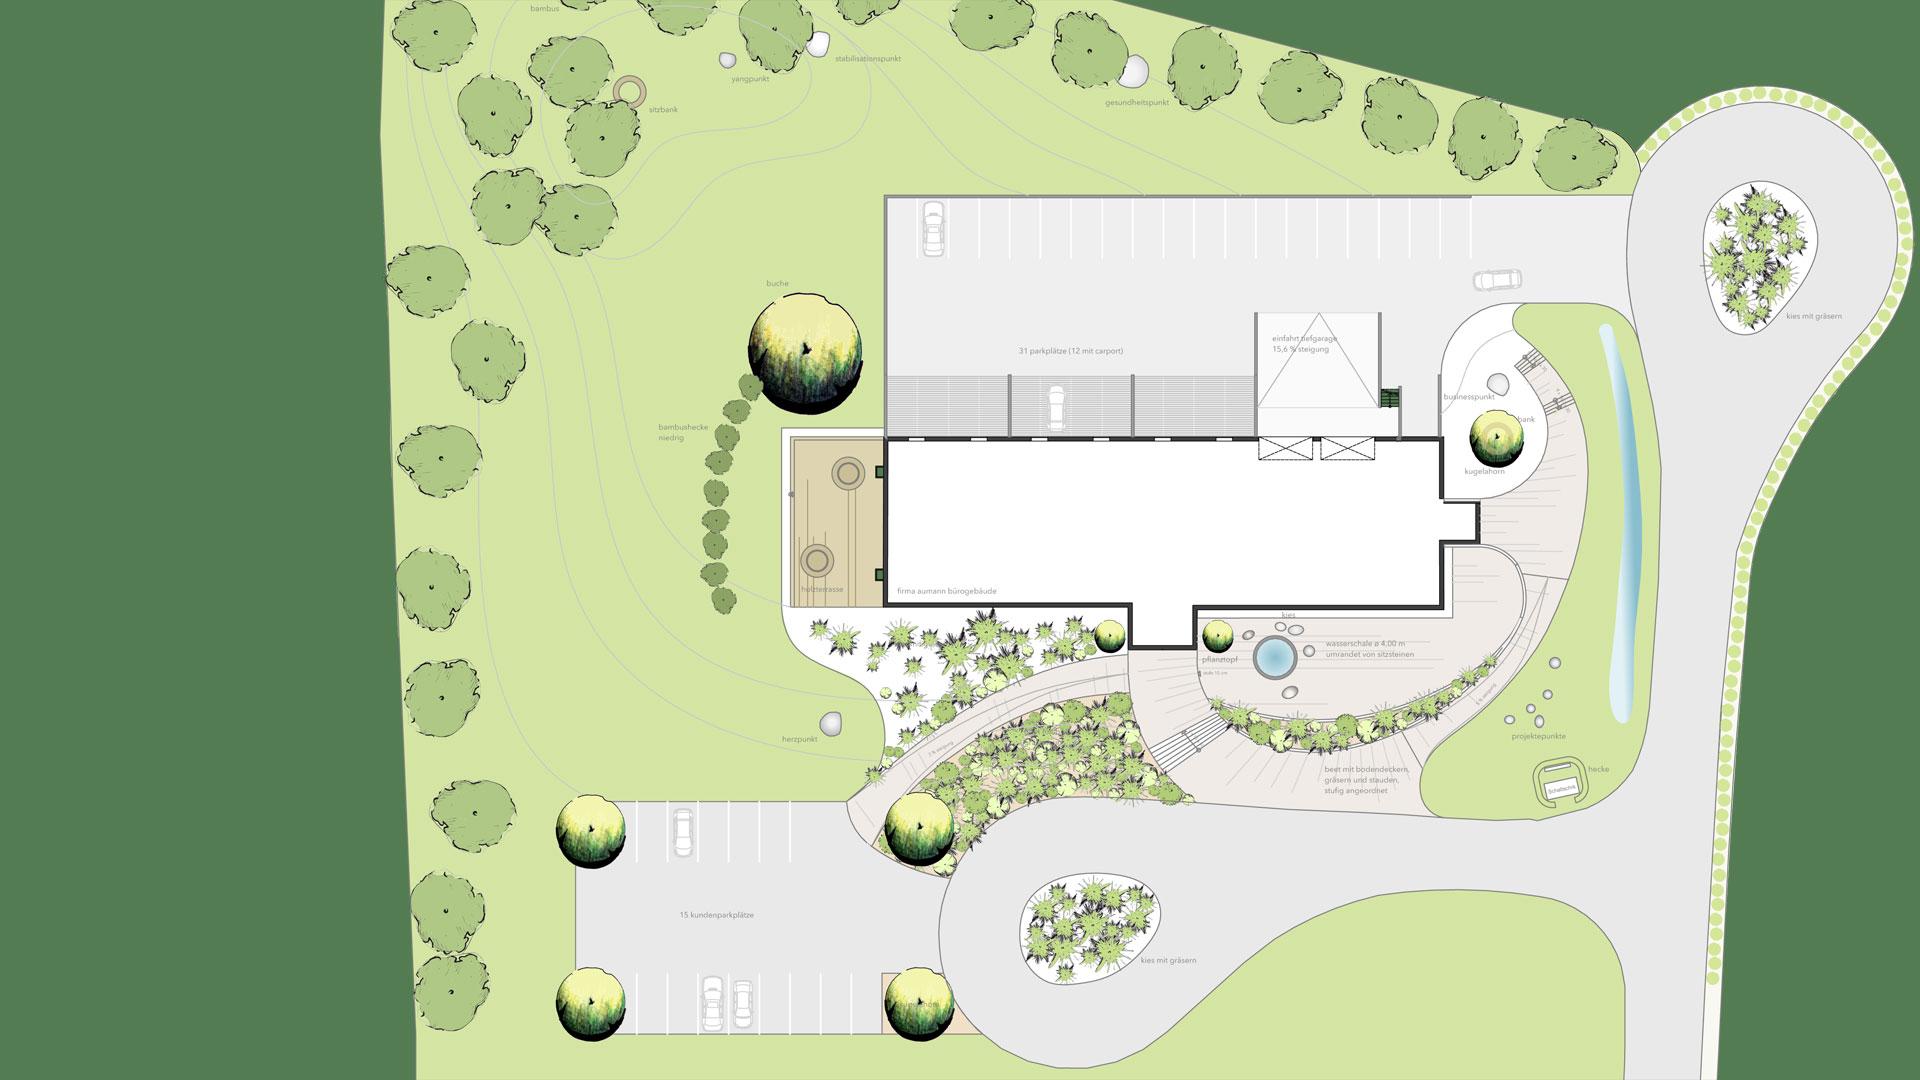 3D-Grafik mit Lageplan des Firmengebäudes und Feng Shui Gartengestaltung geplant durch das Architekturbüro atelier8 in Frankfurt